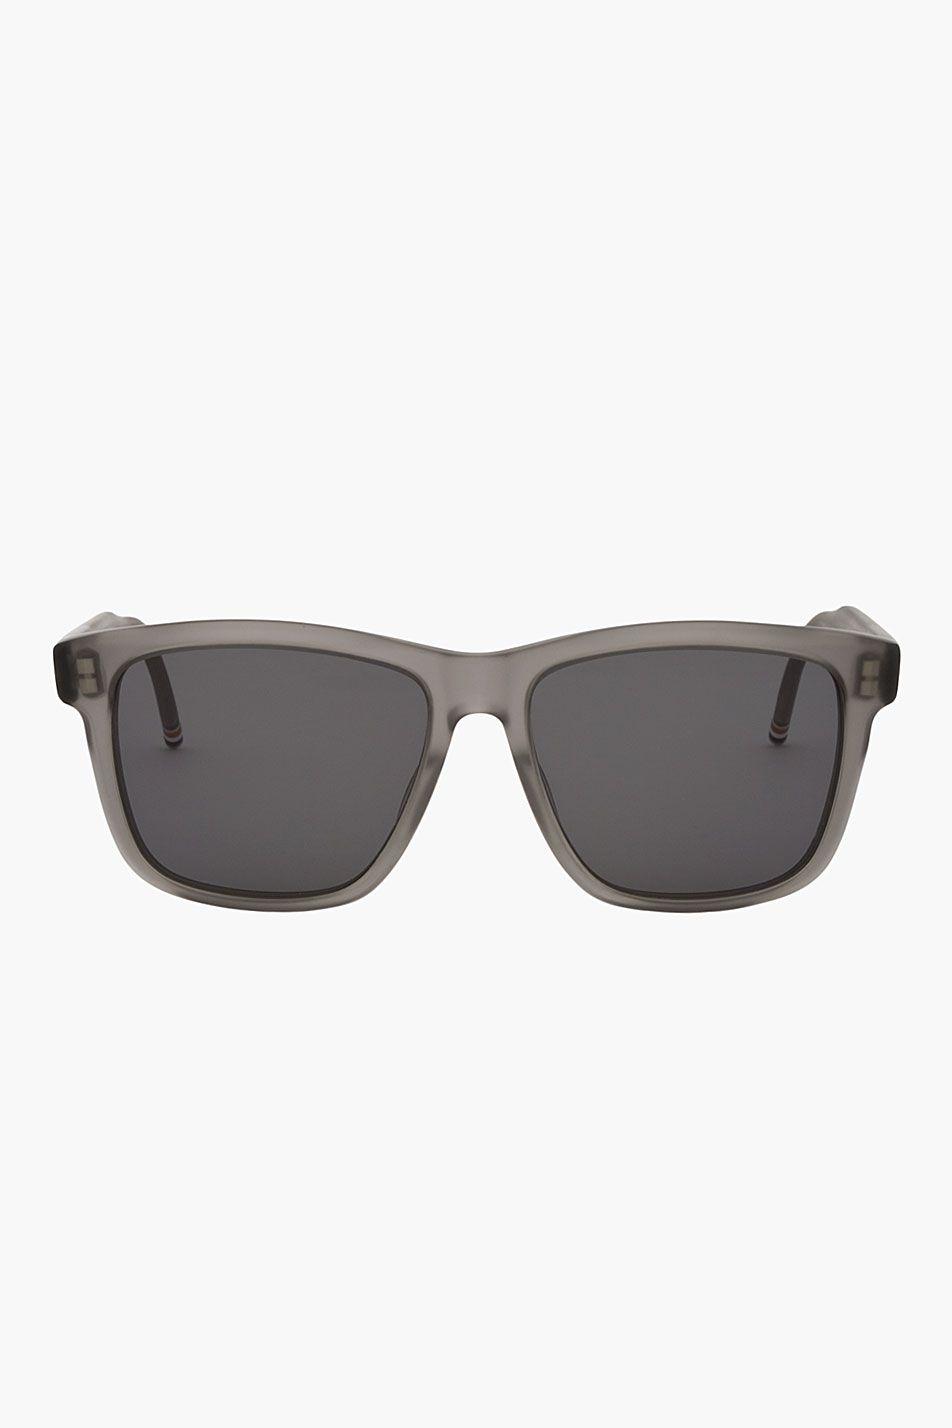 e9ca42176ec7 Thom Browne Matte Grey Wayfarerss - Thom Browne Matte Grey Wayfarerss Thom  Browne Rectangular lens aviator sunglasses in matte grey.